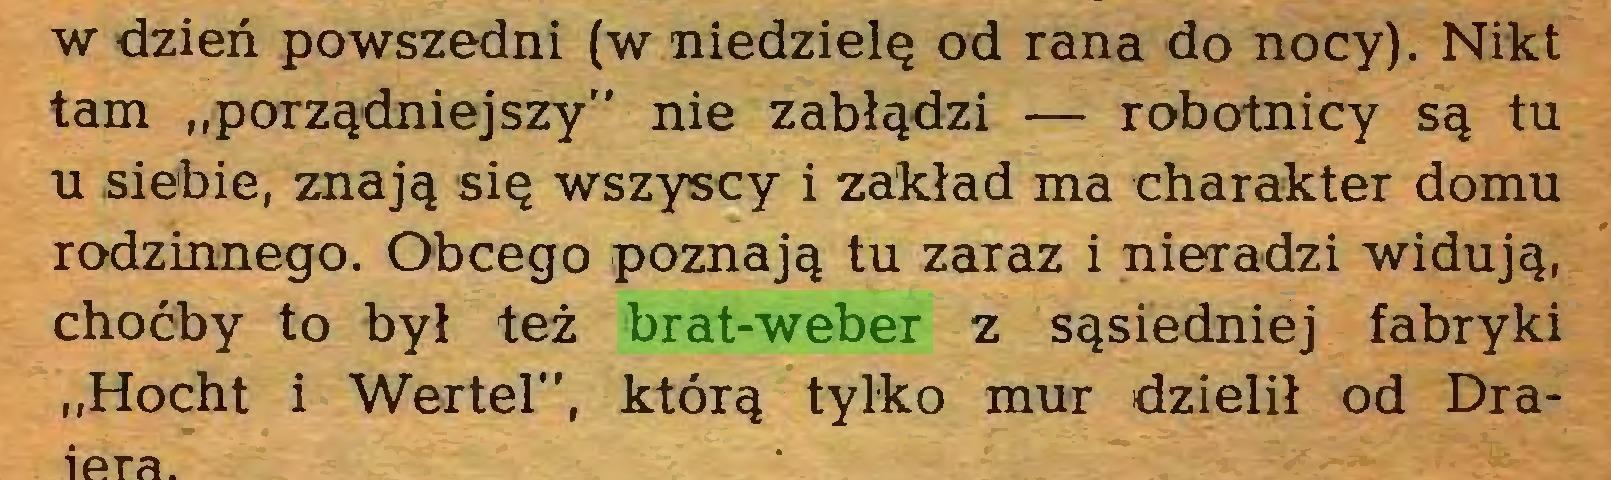 """(...) w dzień powszedni (w niedzielę od rana do nocy). Nikt tam """"porządniejszy"""" nie zabłądzi — robotnicy są tu u siebie, znają się wszyscy i zakład ma charakter domu rodzinnego. Obcego poznają tu zaraz i nieradzi widują, choćby to był też brat-weber z sąsiedniej fabryki """"Hocht i Wertel"""", którą tylko mur dzielił od Dra..."""